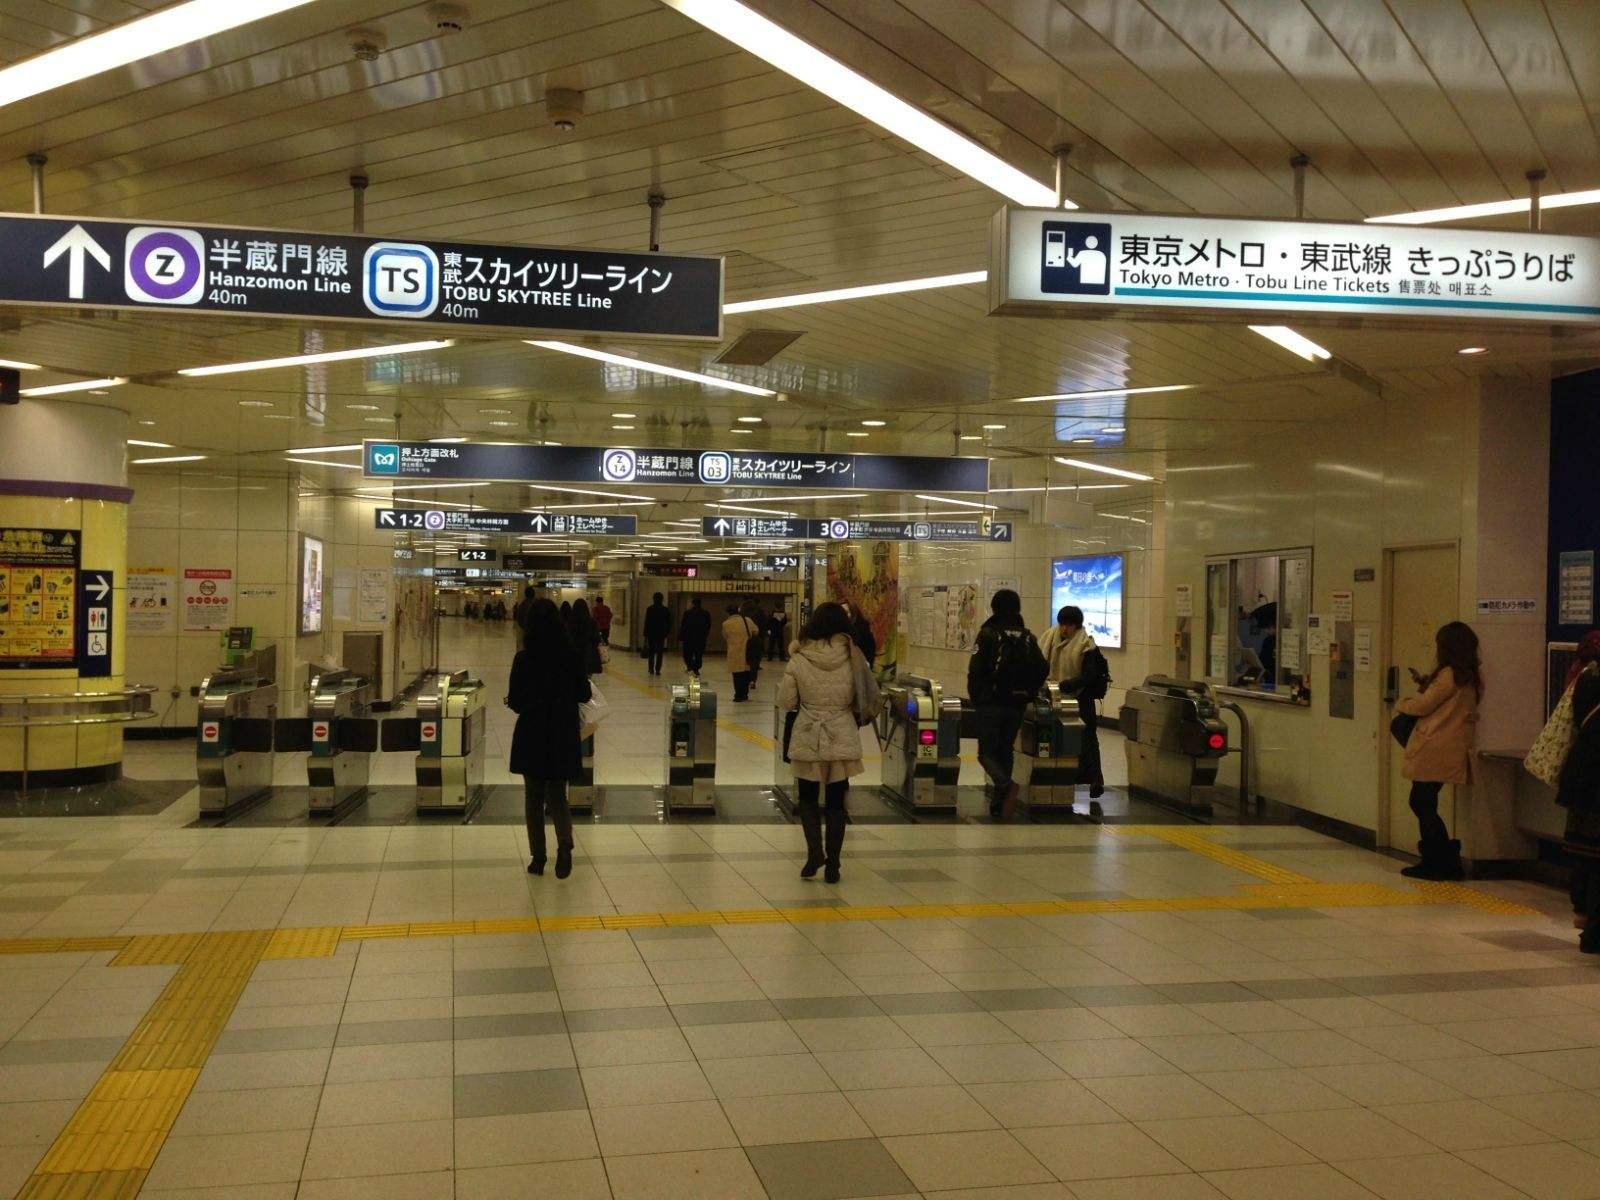 日本地铁.jpg